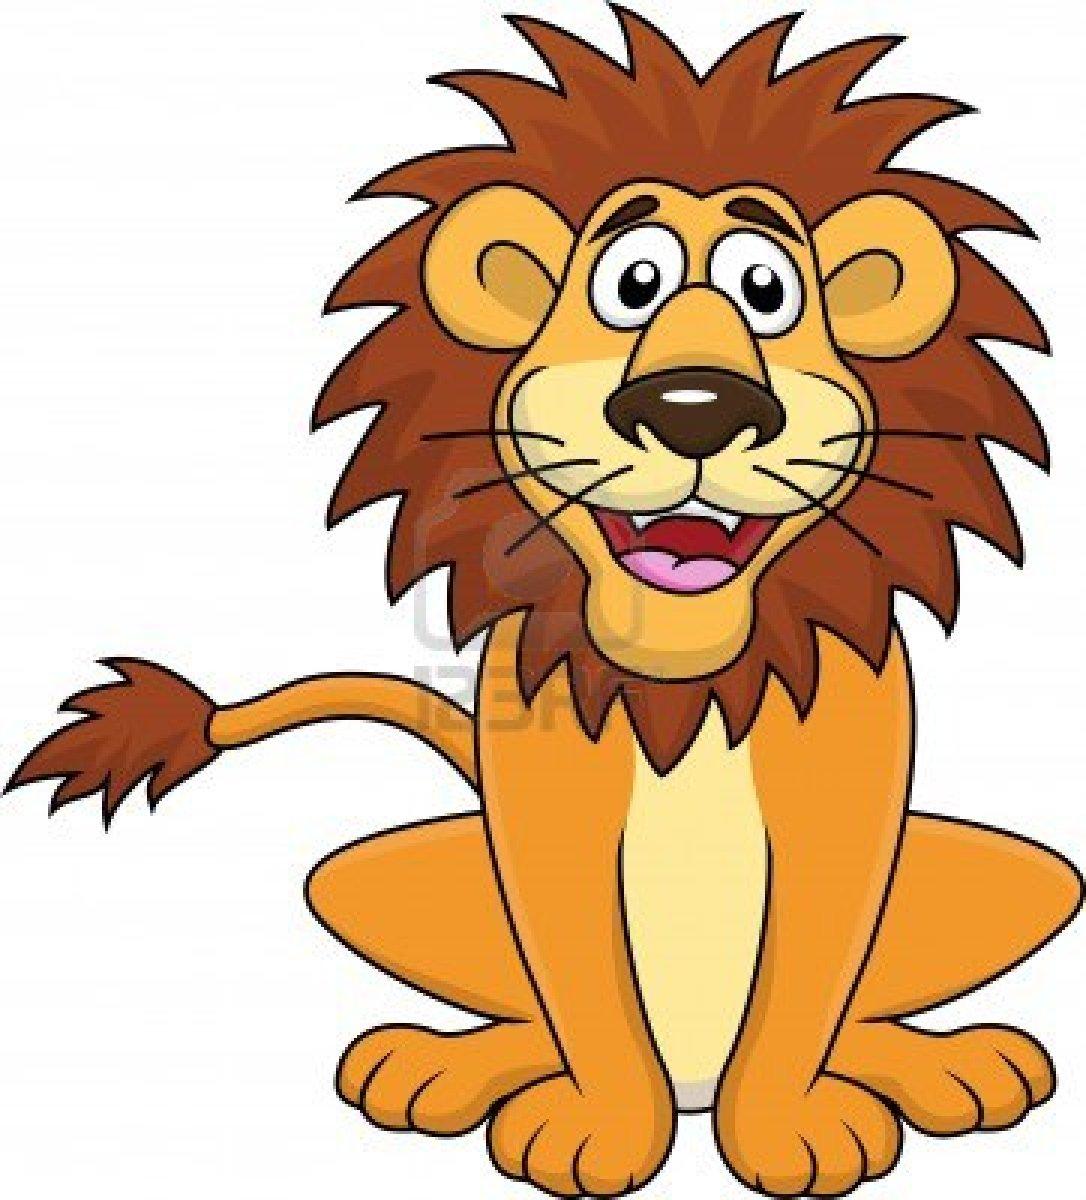 """Résultat de recherche d'images pour """"lions dessin couleur"""""""